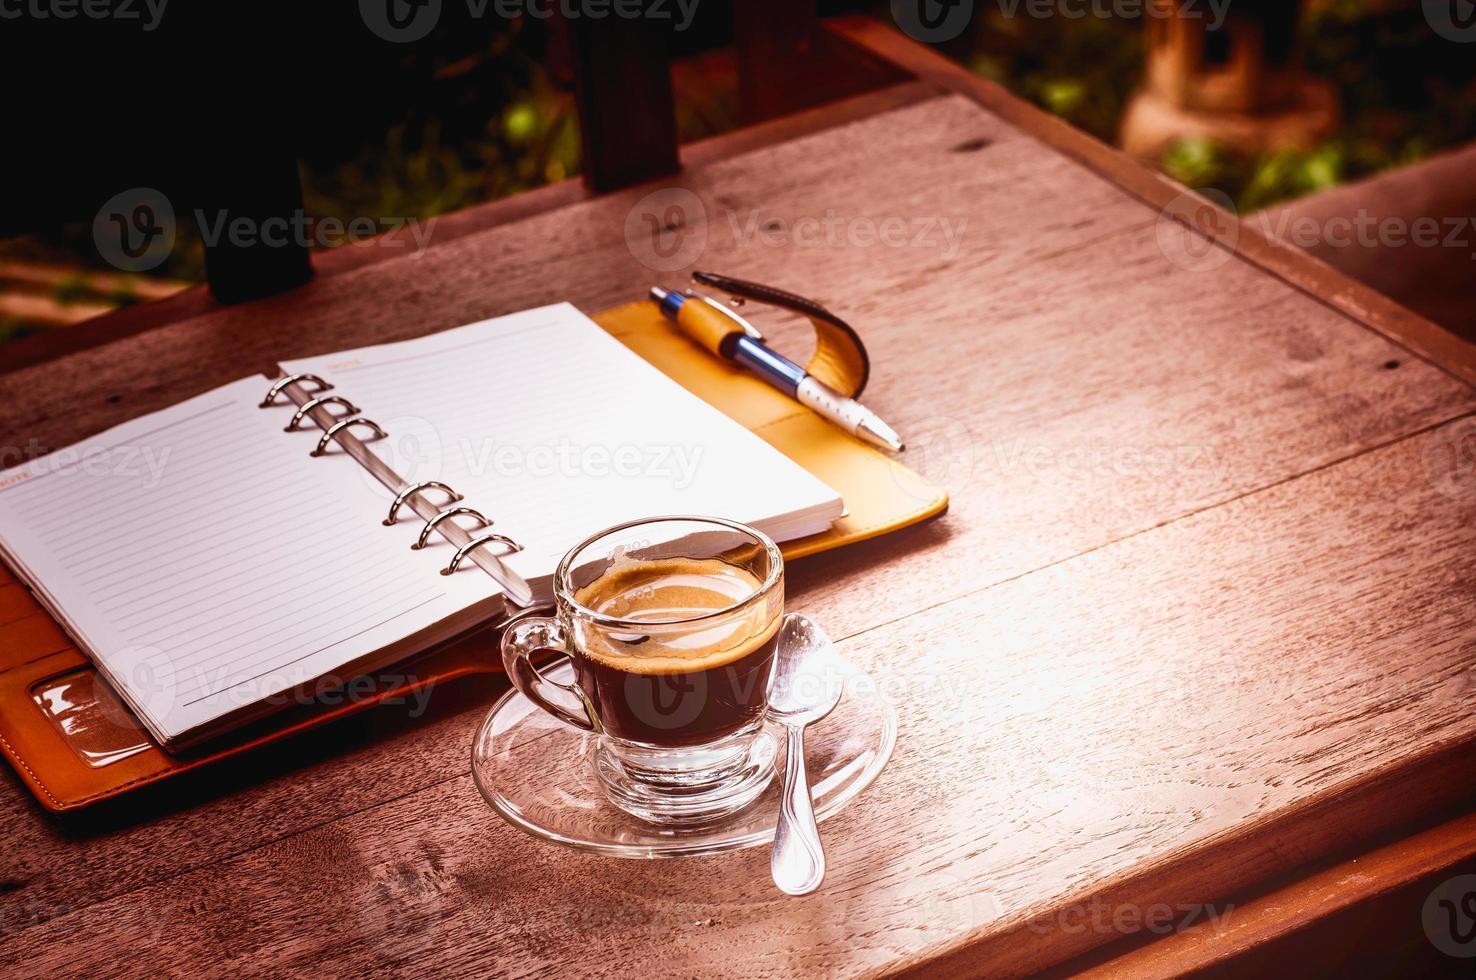 Notizbuch und Kaffeetasse auf altem hölzernem Hintergrund, Geschäftskonzept foto